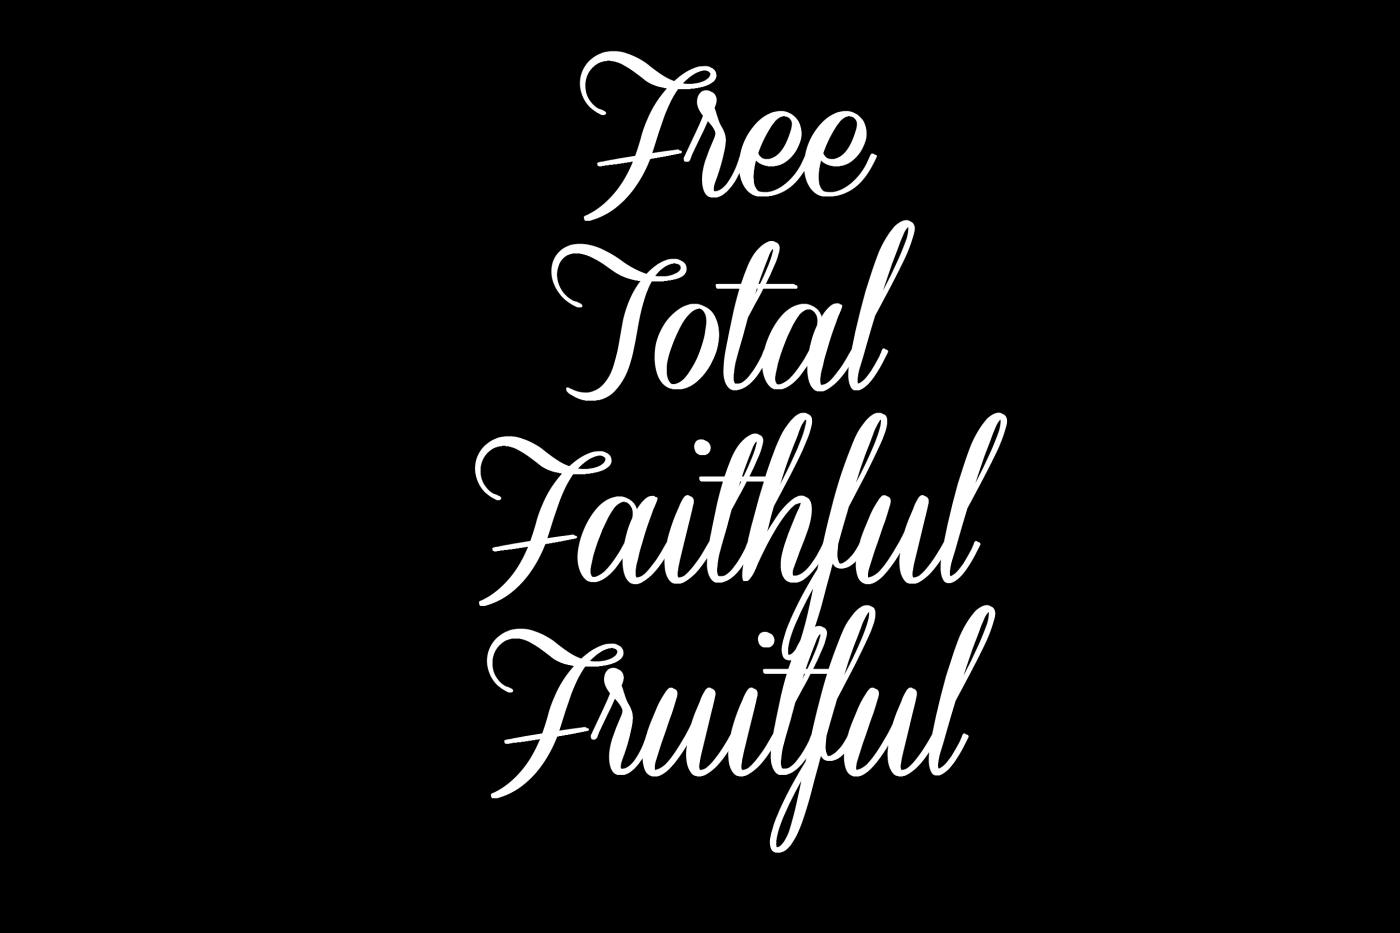 free-total-faithful-fruitful